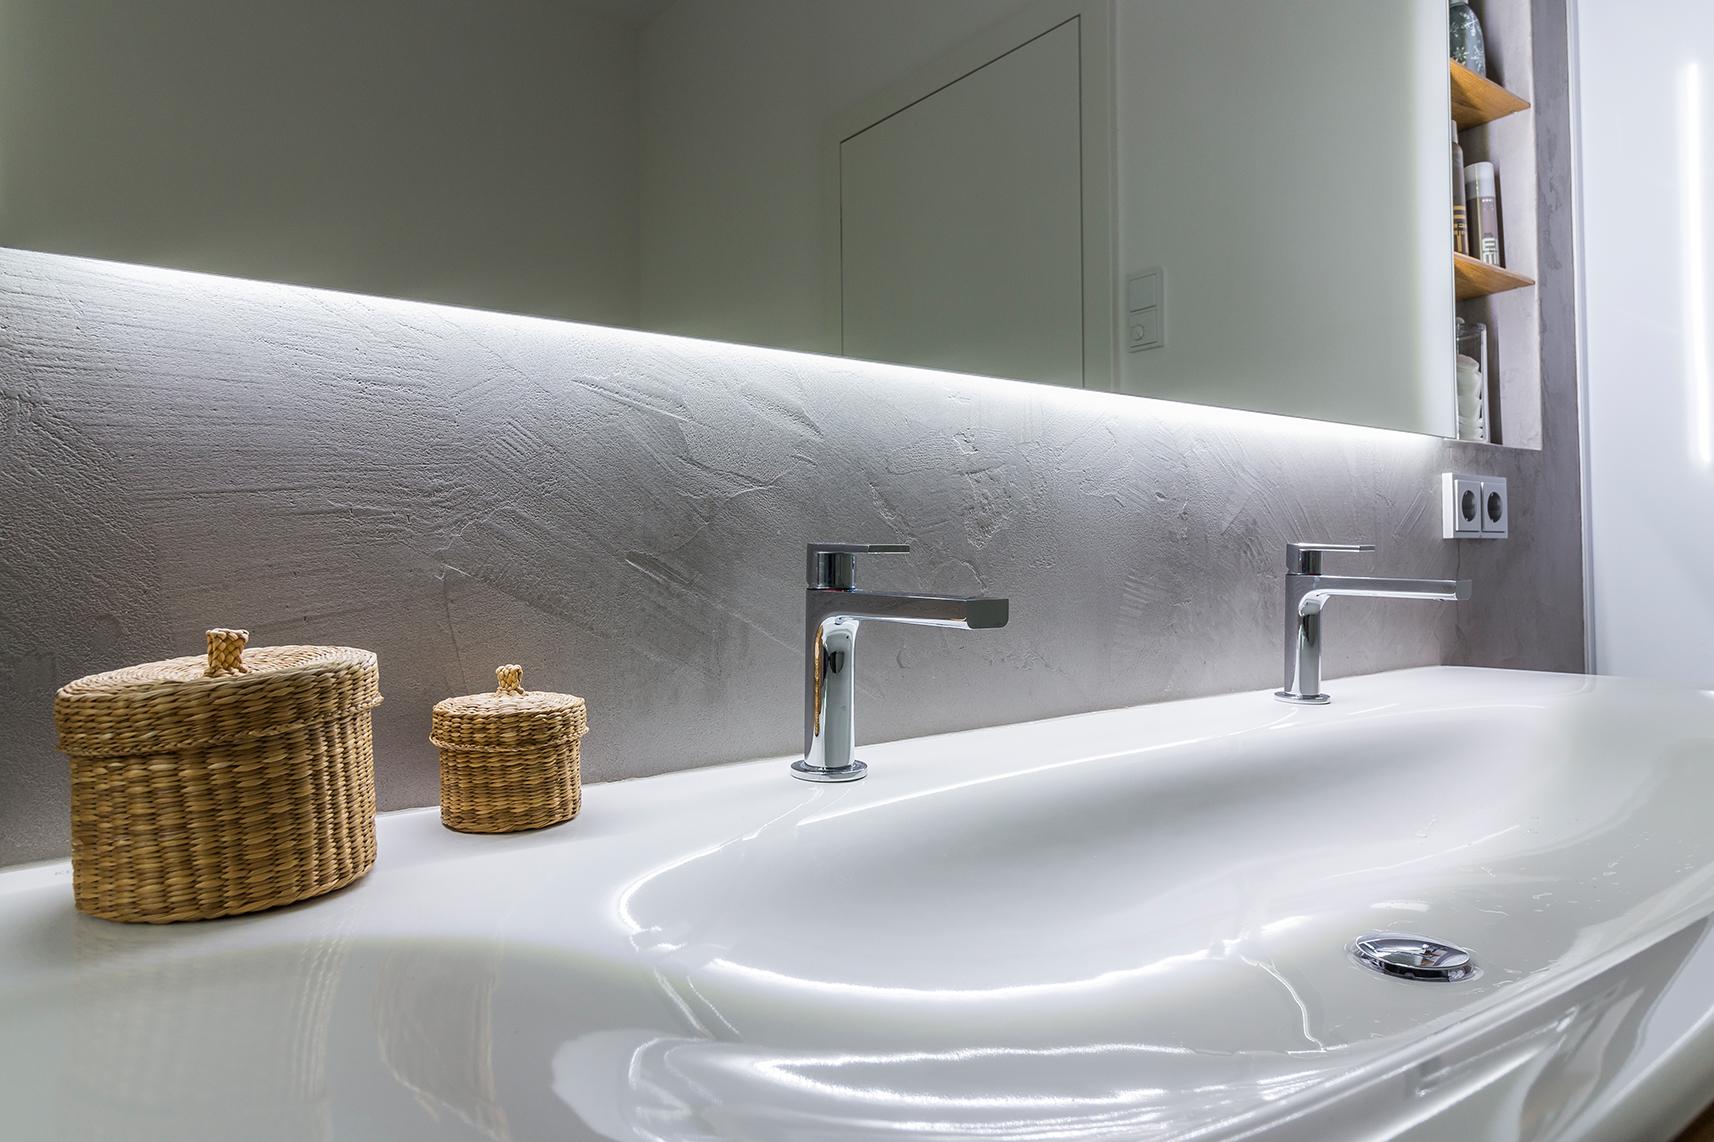 Badezimmer Spachtelbeton gespachteter Beton Dusche Badewanne Betonboden Gussboden fugenlos Treppe grau Küche Bad Wohnzimmer Tisch Möbel mainTisch mainBeton mainGrill 9